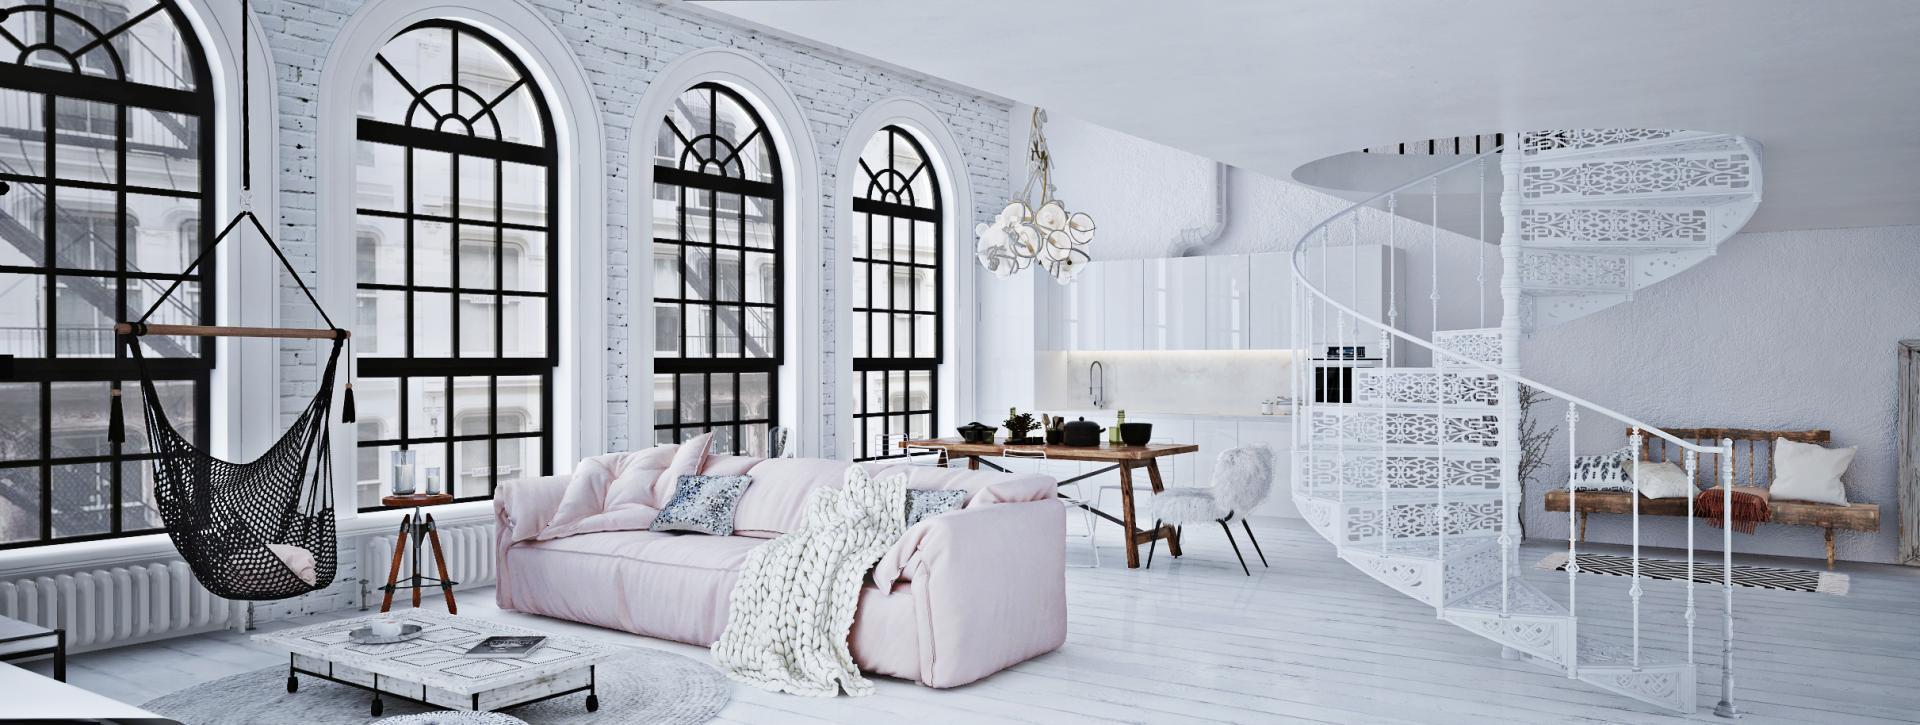 Дизайн коттеджей, домов и таунхаусов